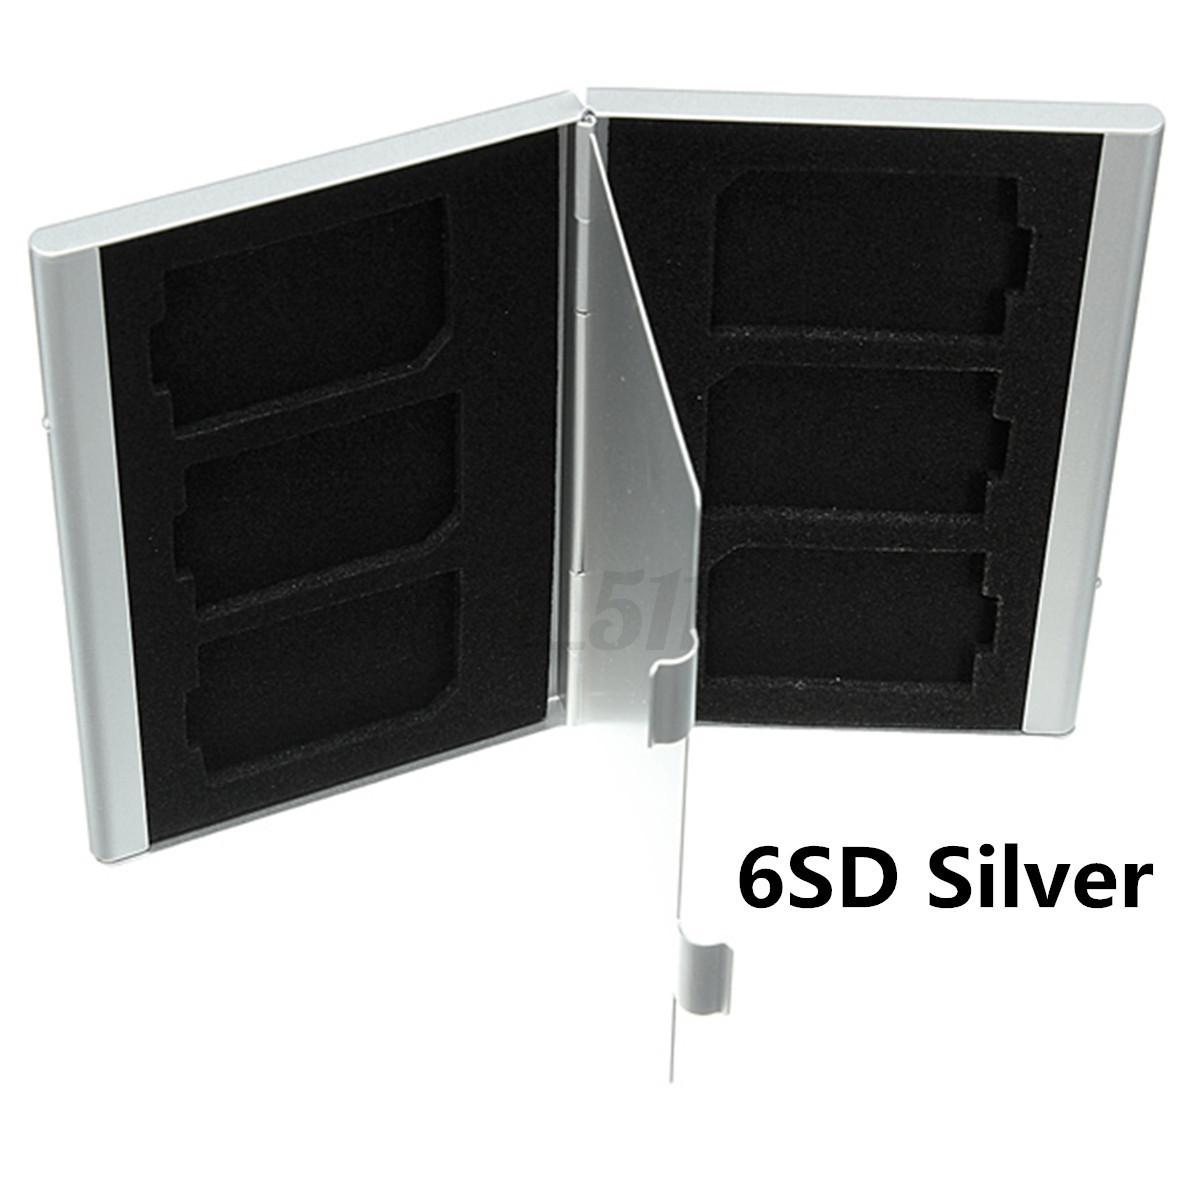 Aluminio-Caja-Funda-Protector-Estuche-Para-SD-TF-Card-Tarjeta-de-Memoria-Micro